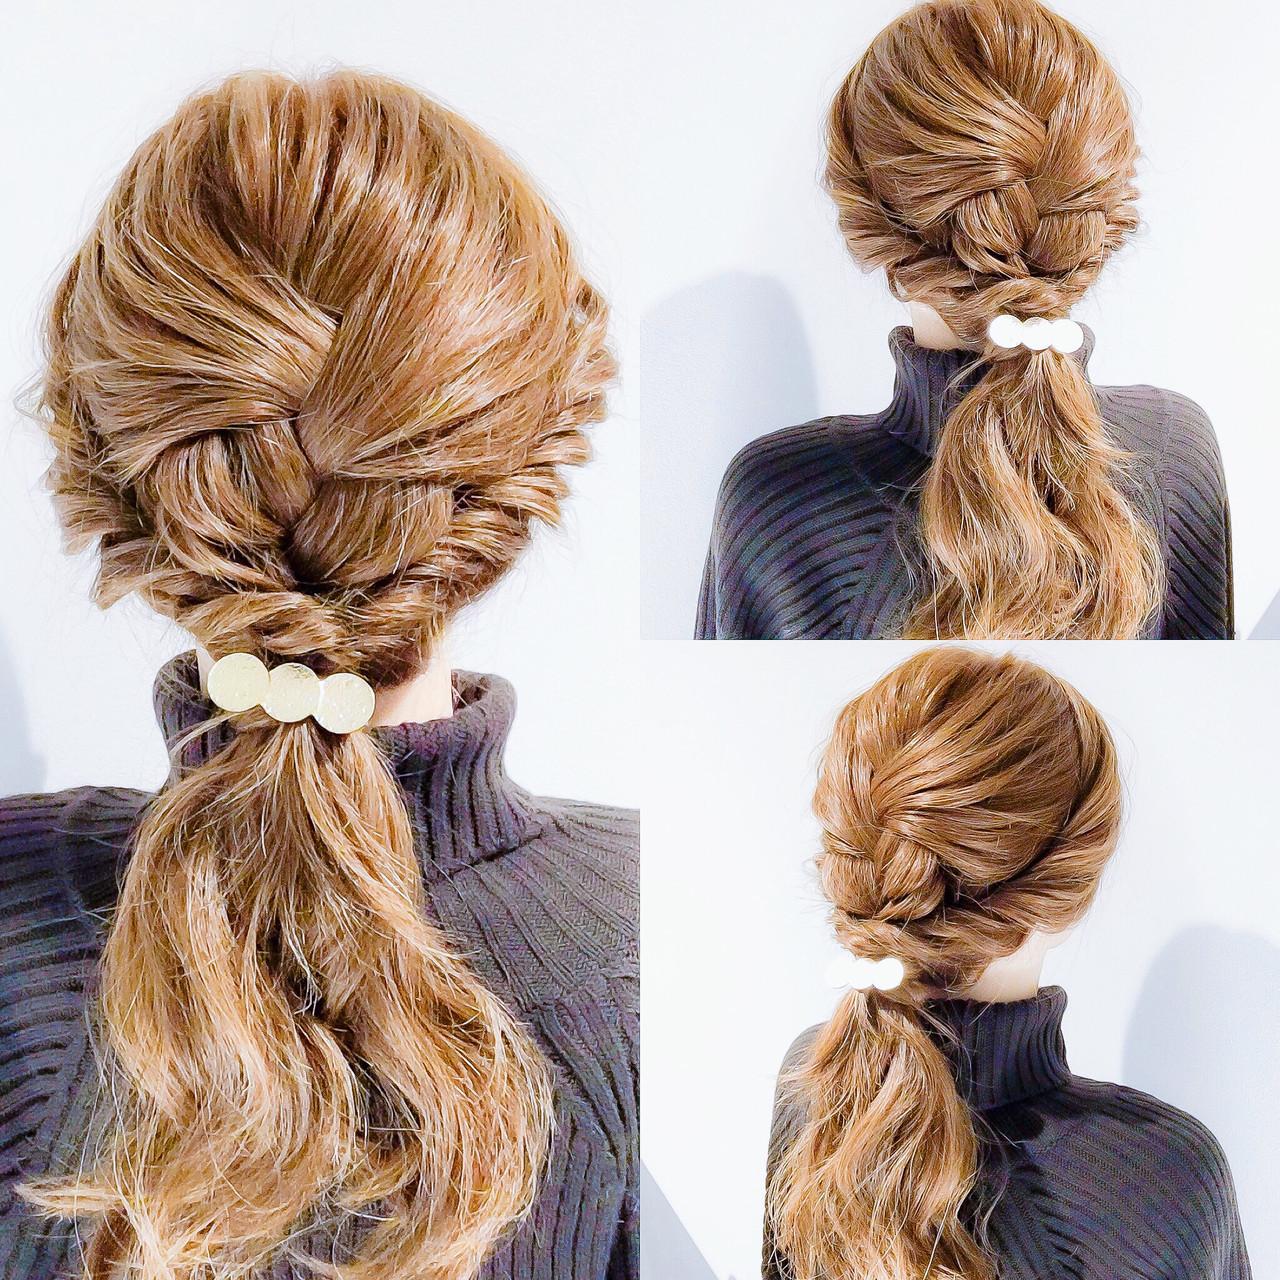 セルフアレンジ 三つ編み 簡単ヘアアレンジ ロング ヘアスタイルや髪型の写真・画像